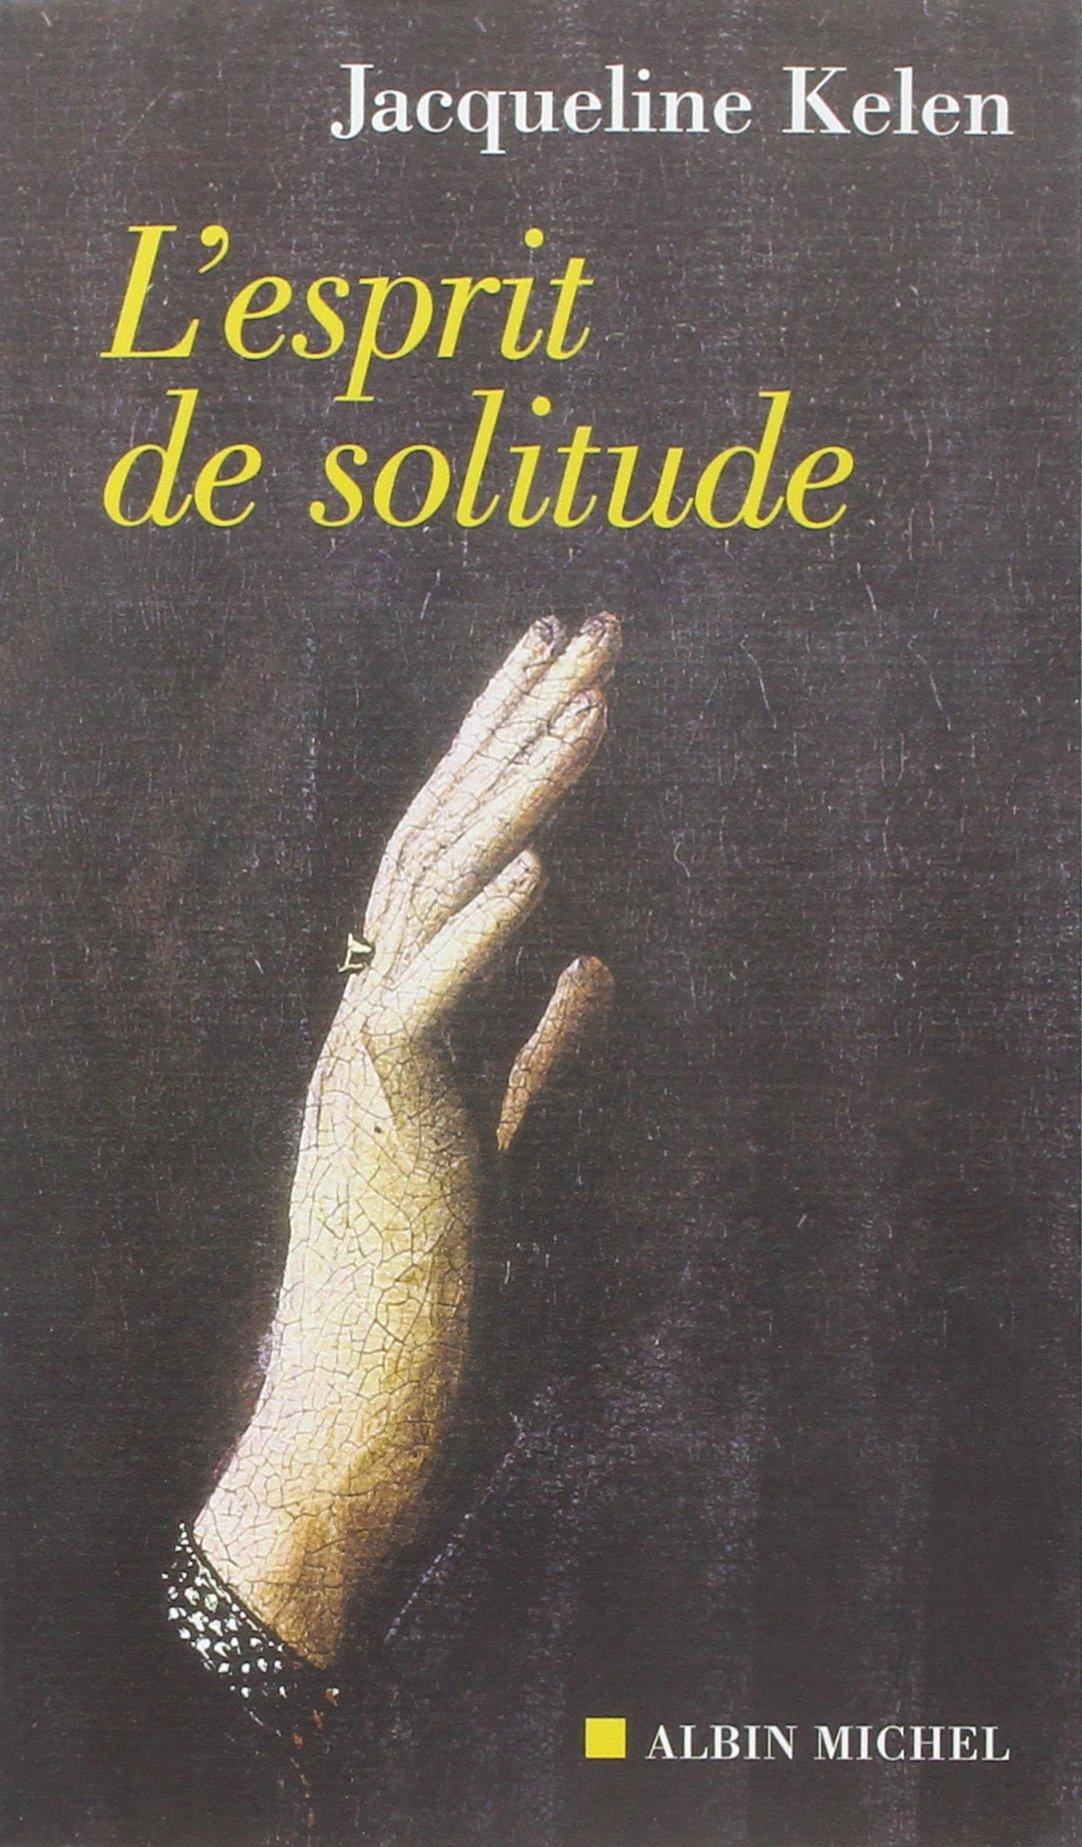 L'Esprit de solitude - Jacqueline Kelen